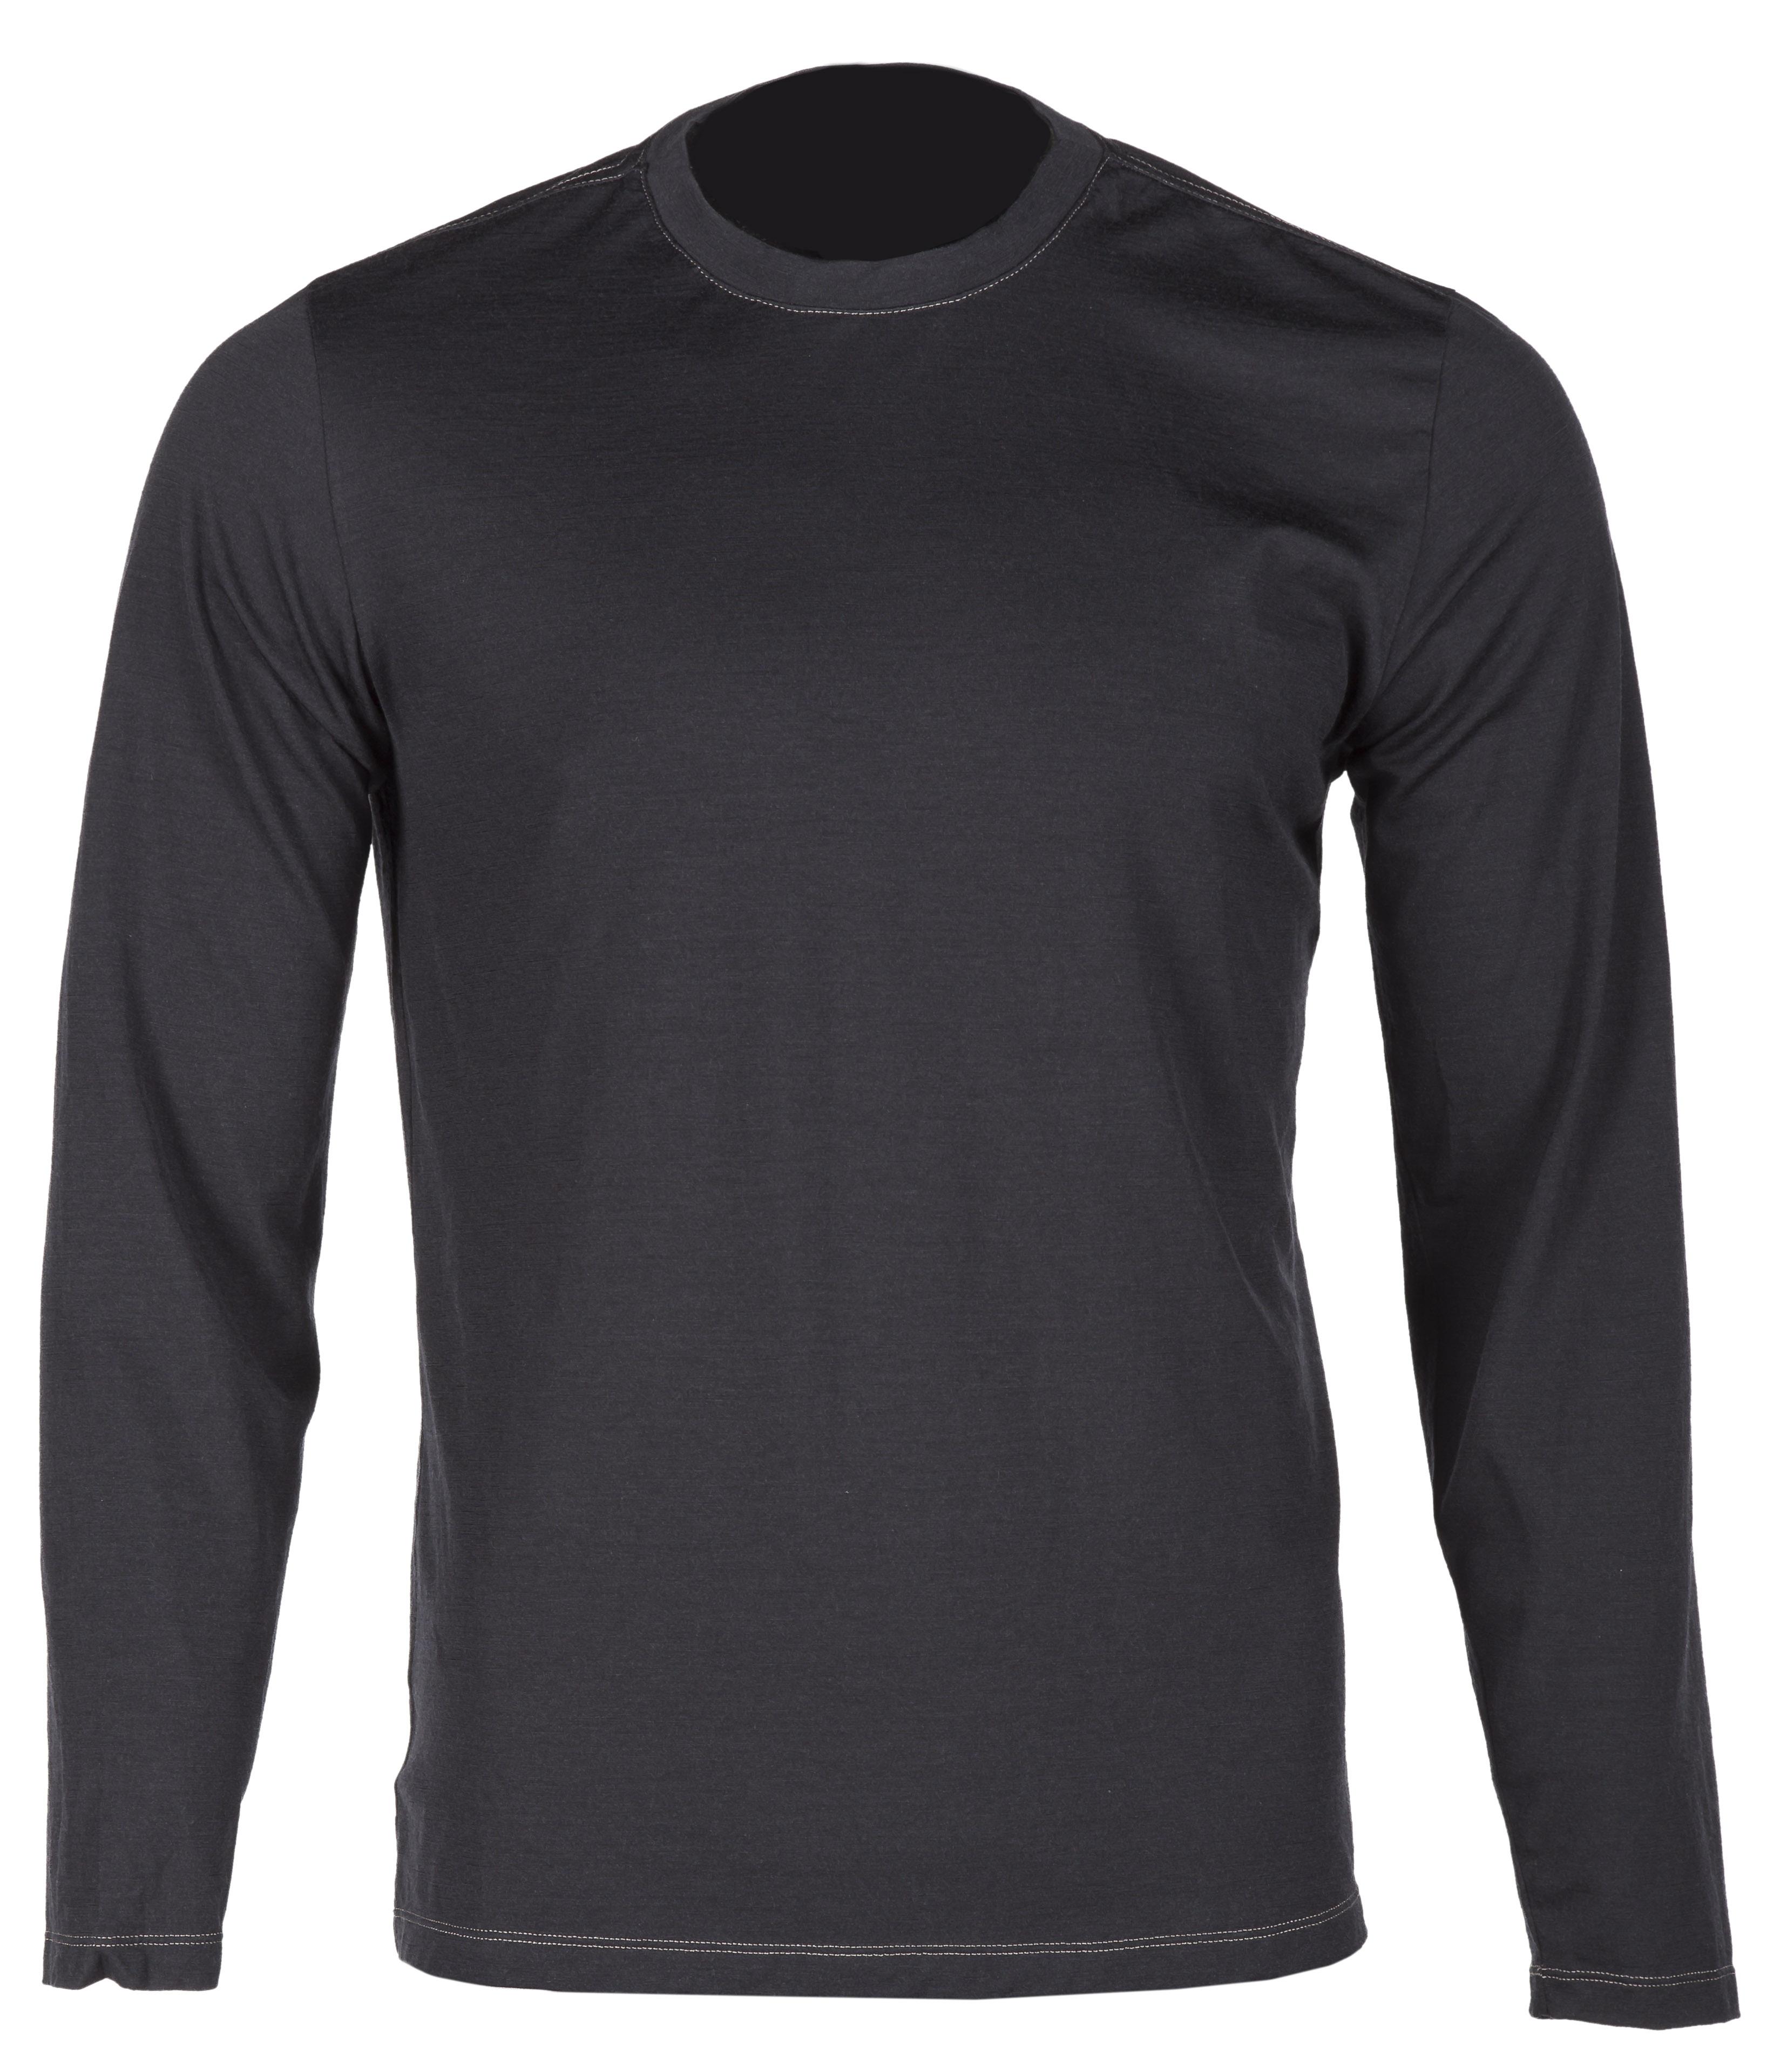 3712-000-000 Teton Merino Wool LS